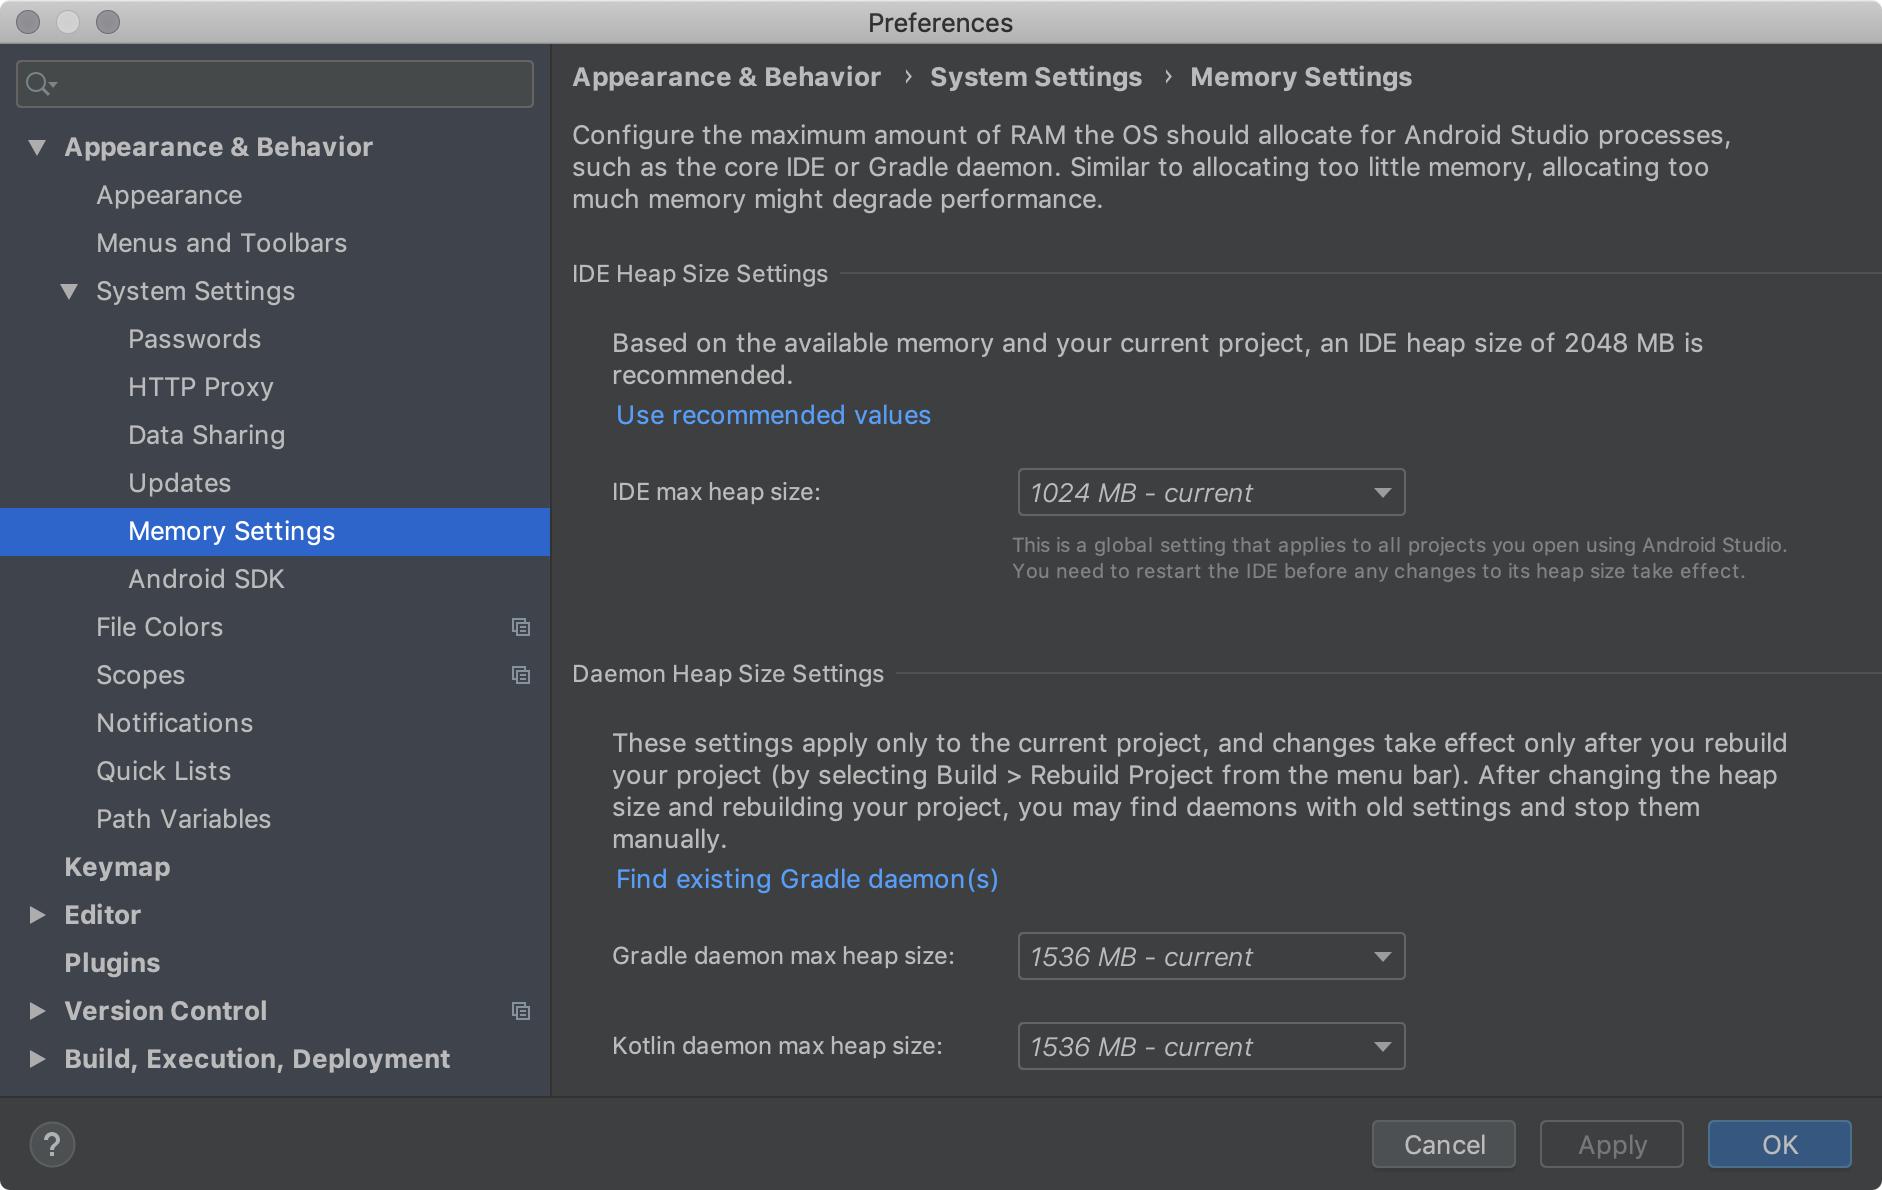 Configuración de memoria, que te permite configurar la cantidad máxima de RAM para los procesos de AndroidStudio